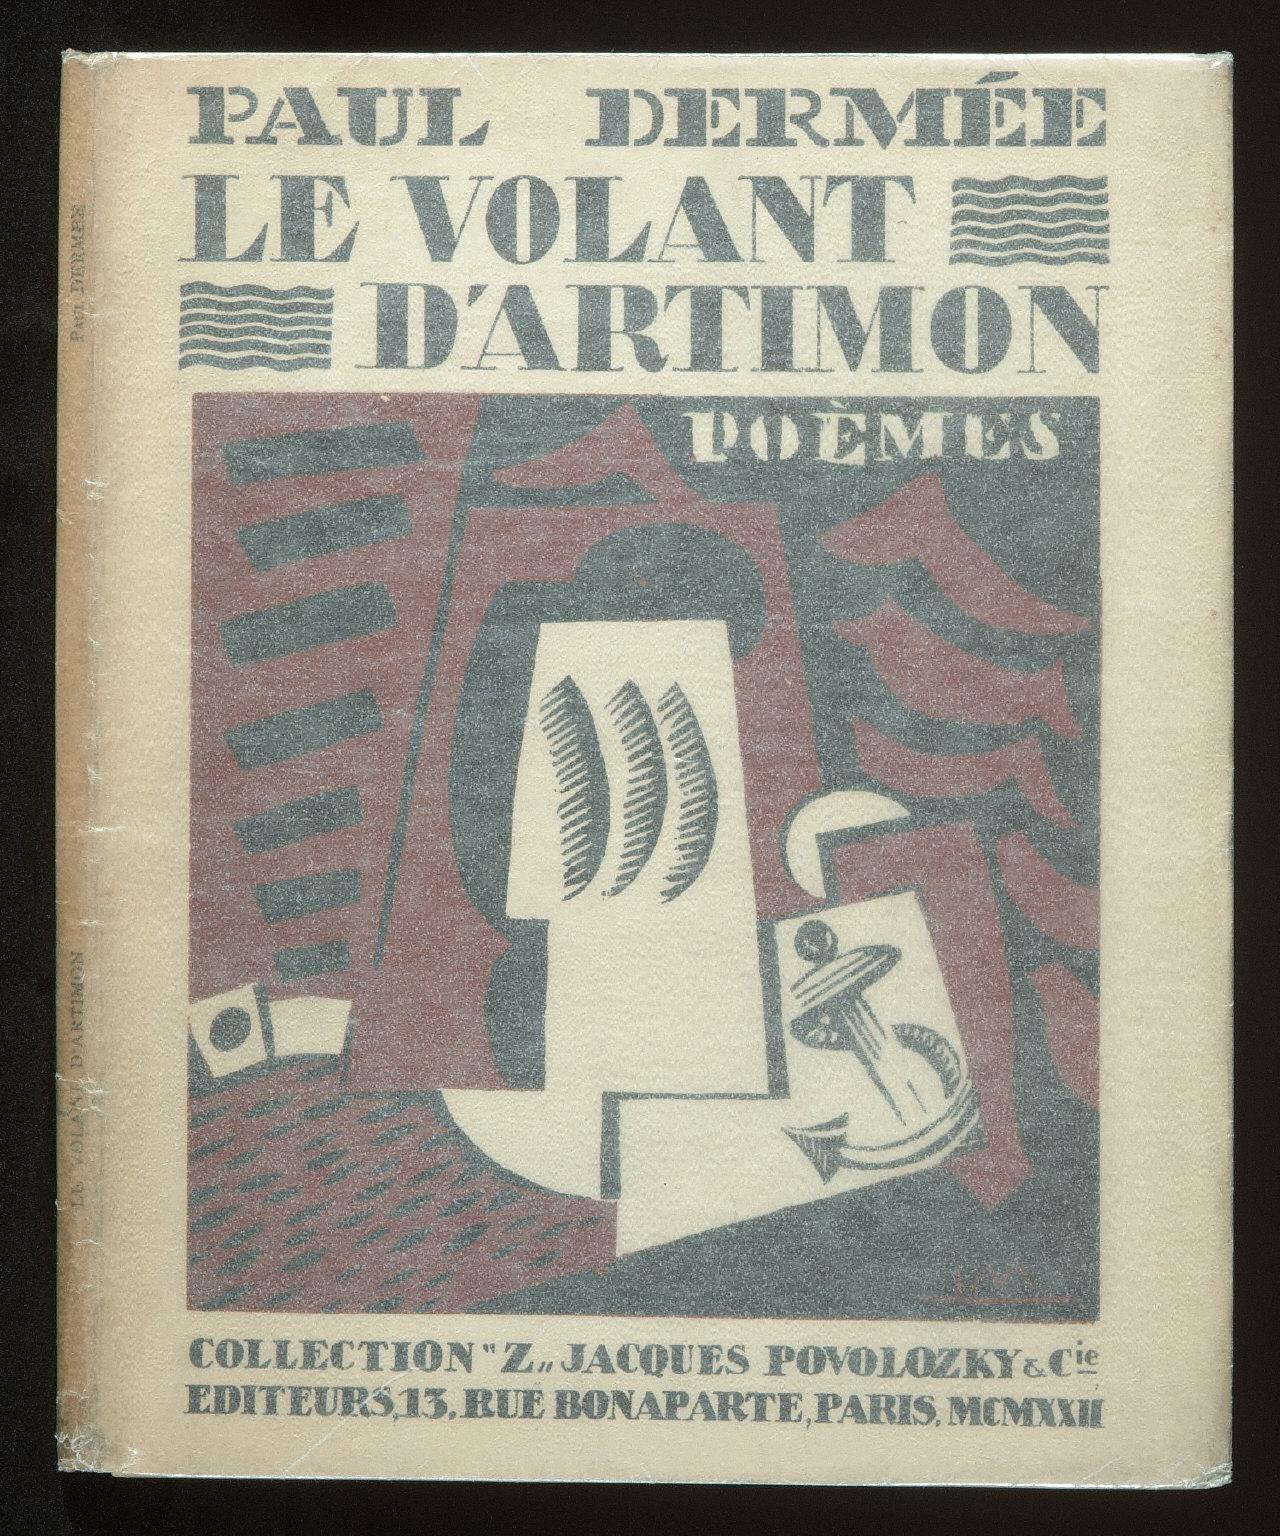 Le Volant d'Artimon Poèms by Paul Dermée (Paris: J. Povolozky, 1922)